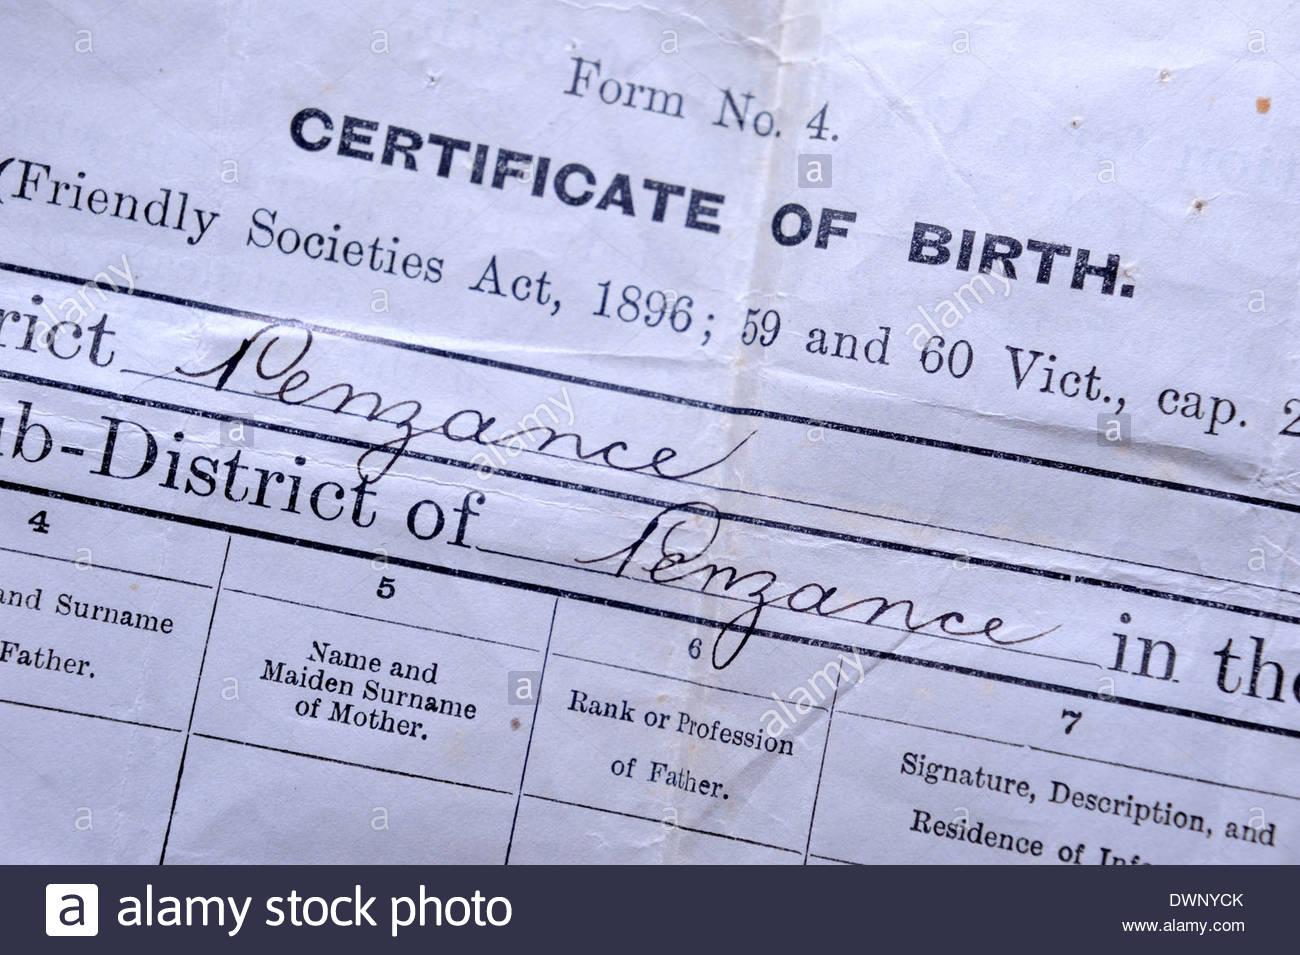 Certificat de naissance délivré dans Penzance autour de 1900. Photo Stock